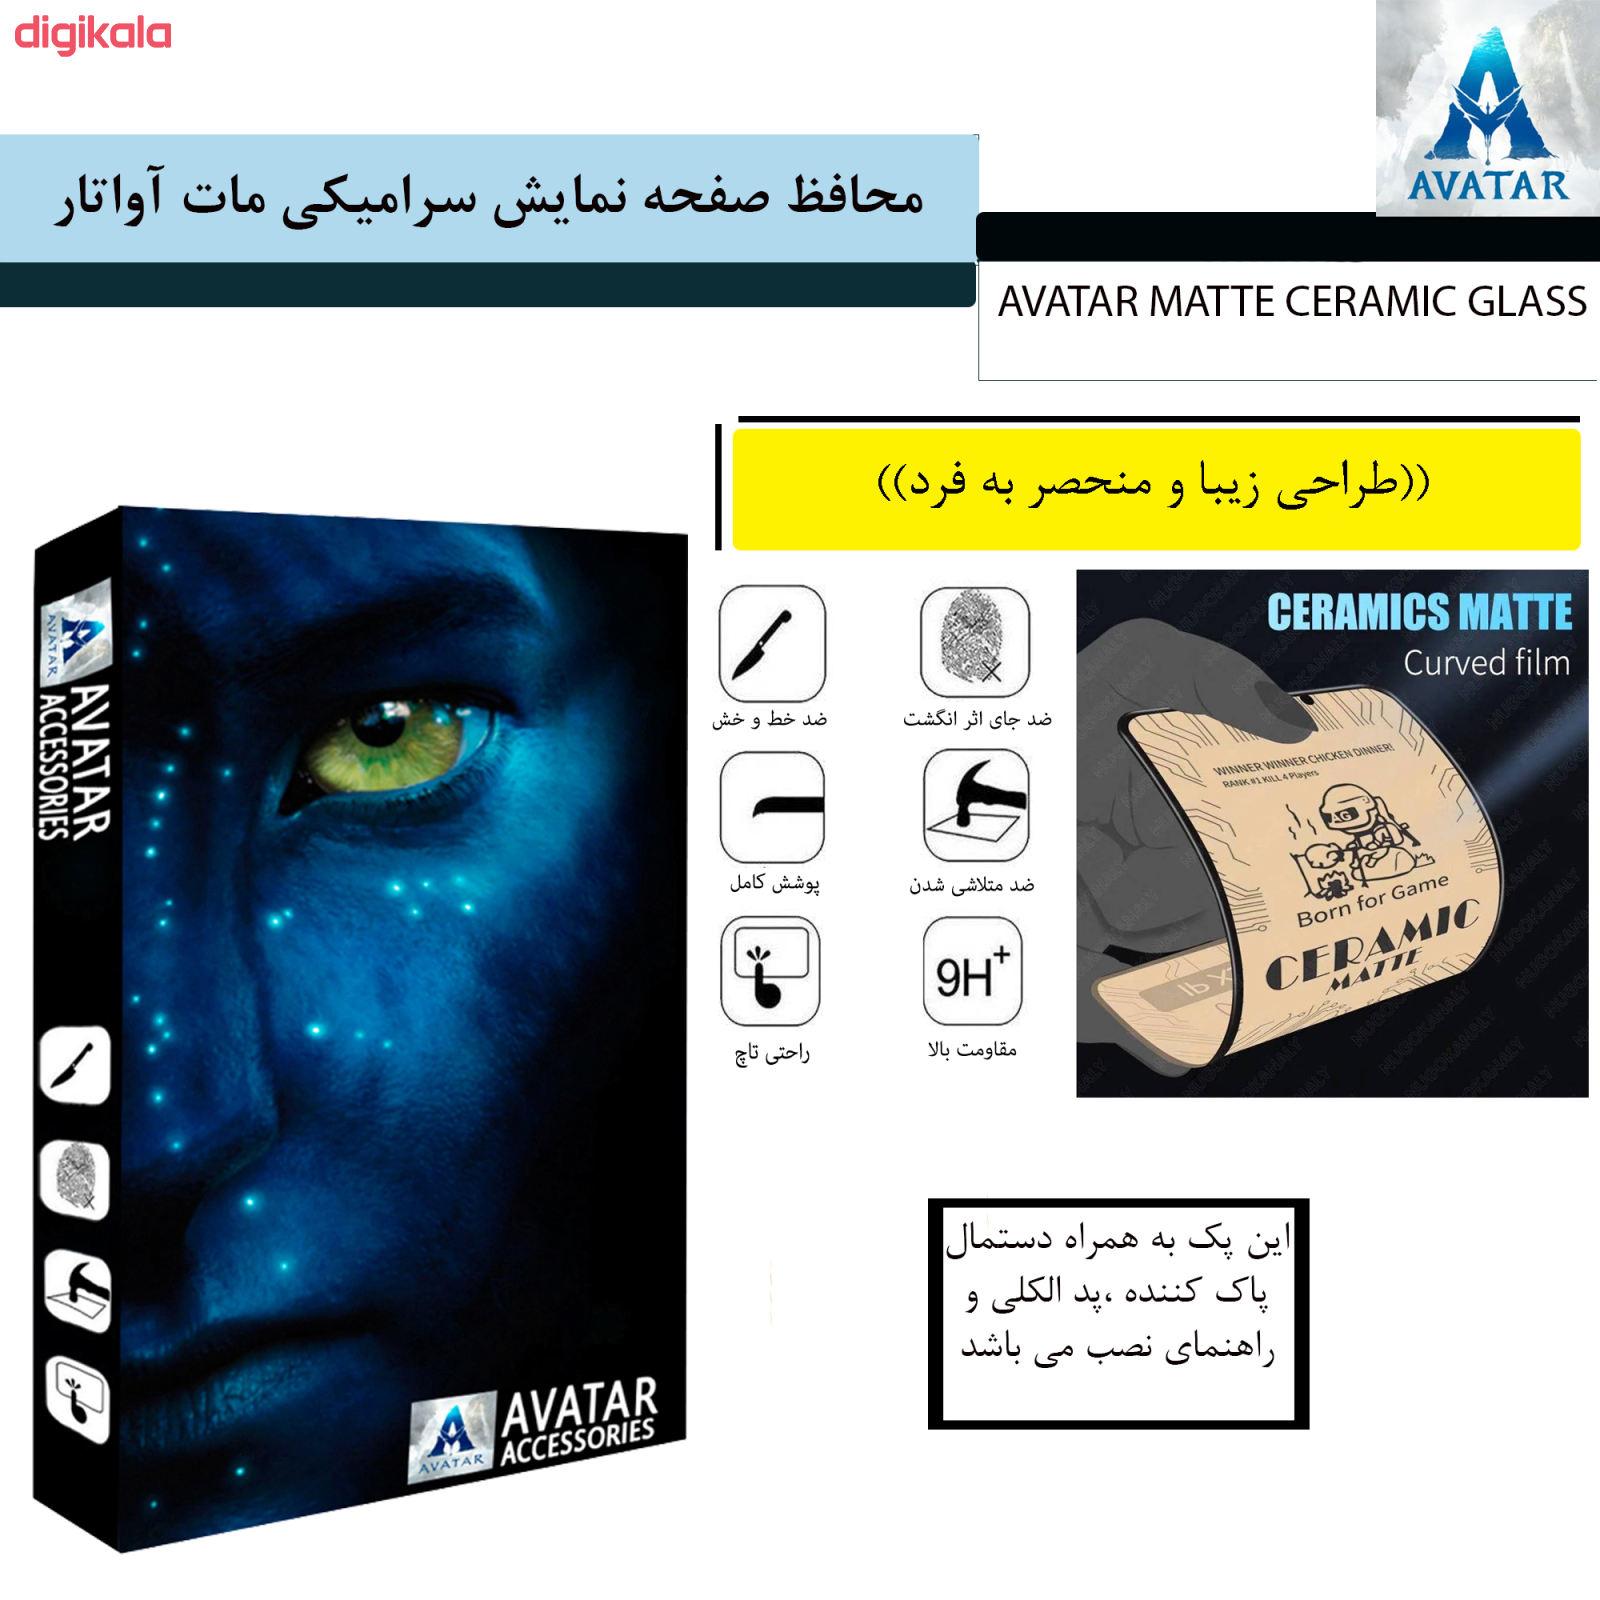 محافظ صفحه نمایش مات آواتار مدل CGMA51_2 مناسب برای گوشی موبایل سامسونگ Galaxy A51 بسته دو عددی main 1 3